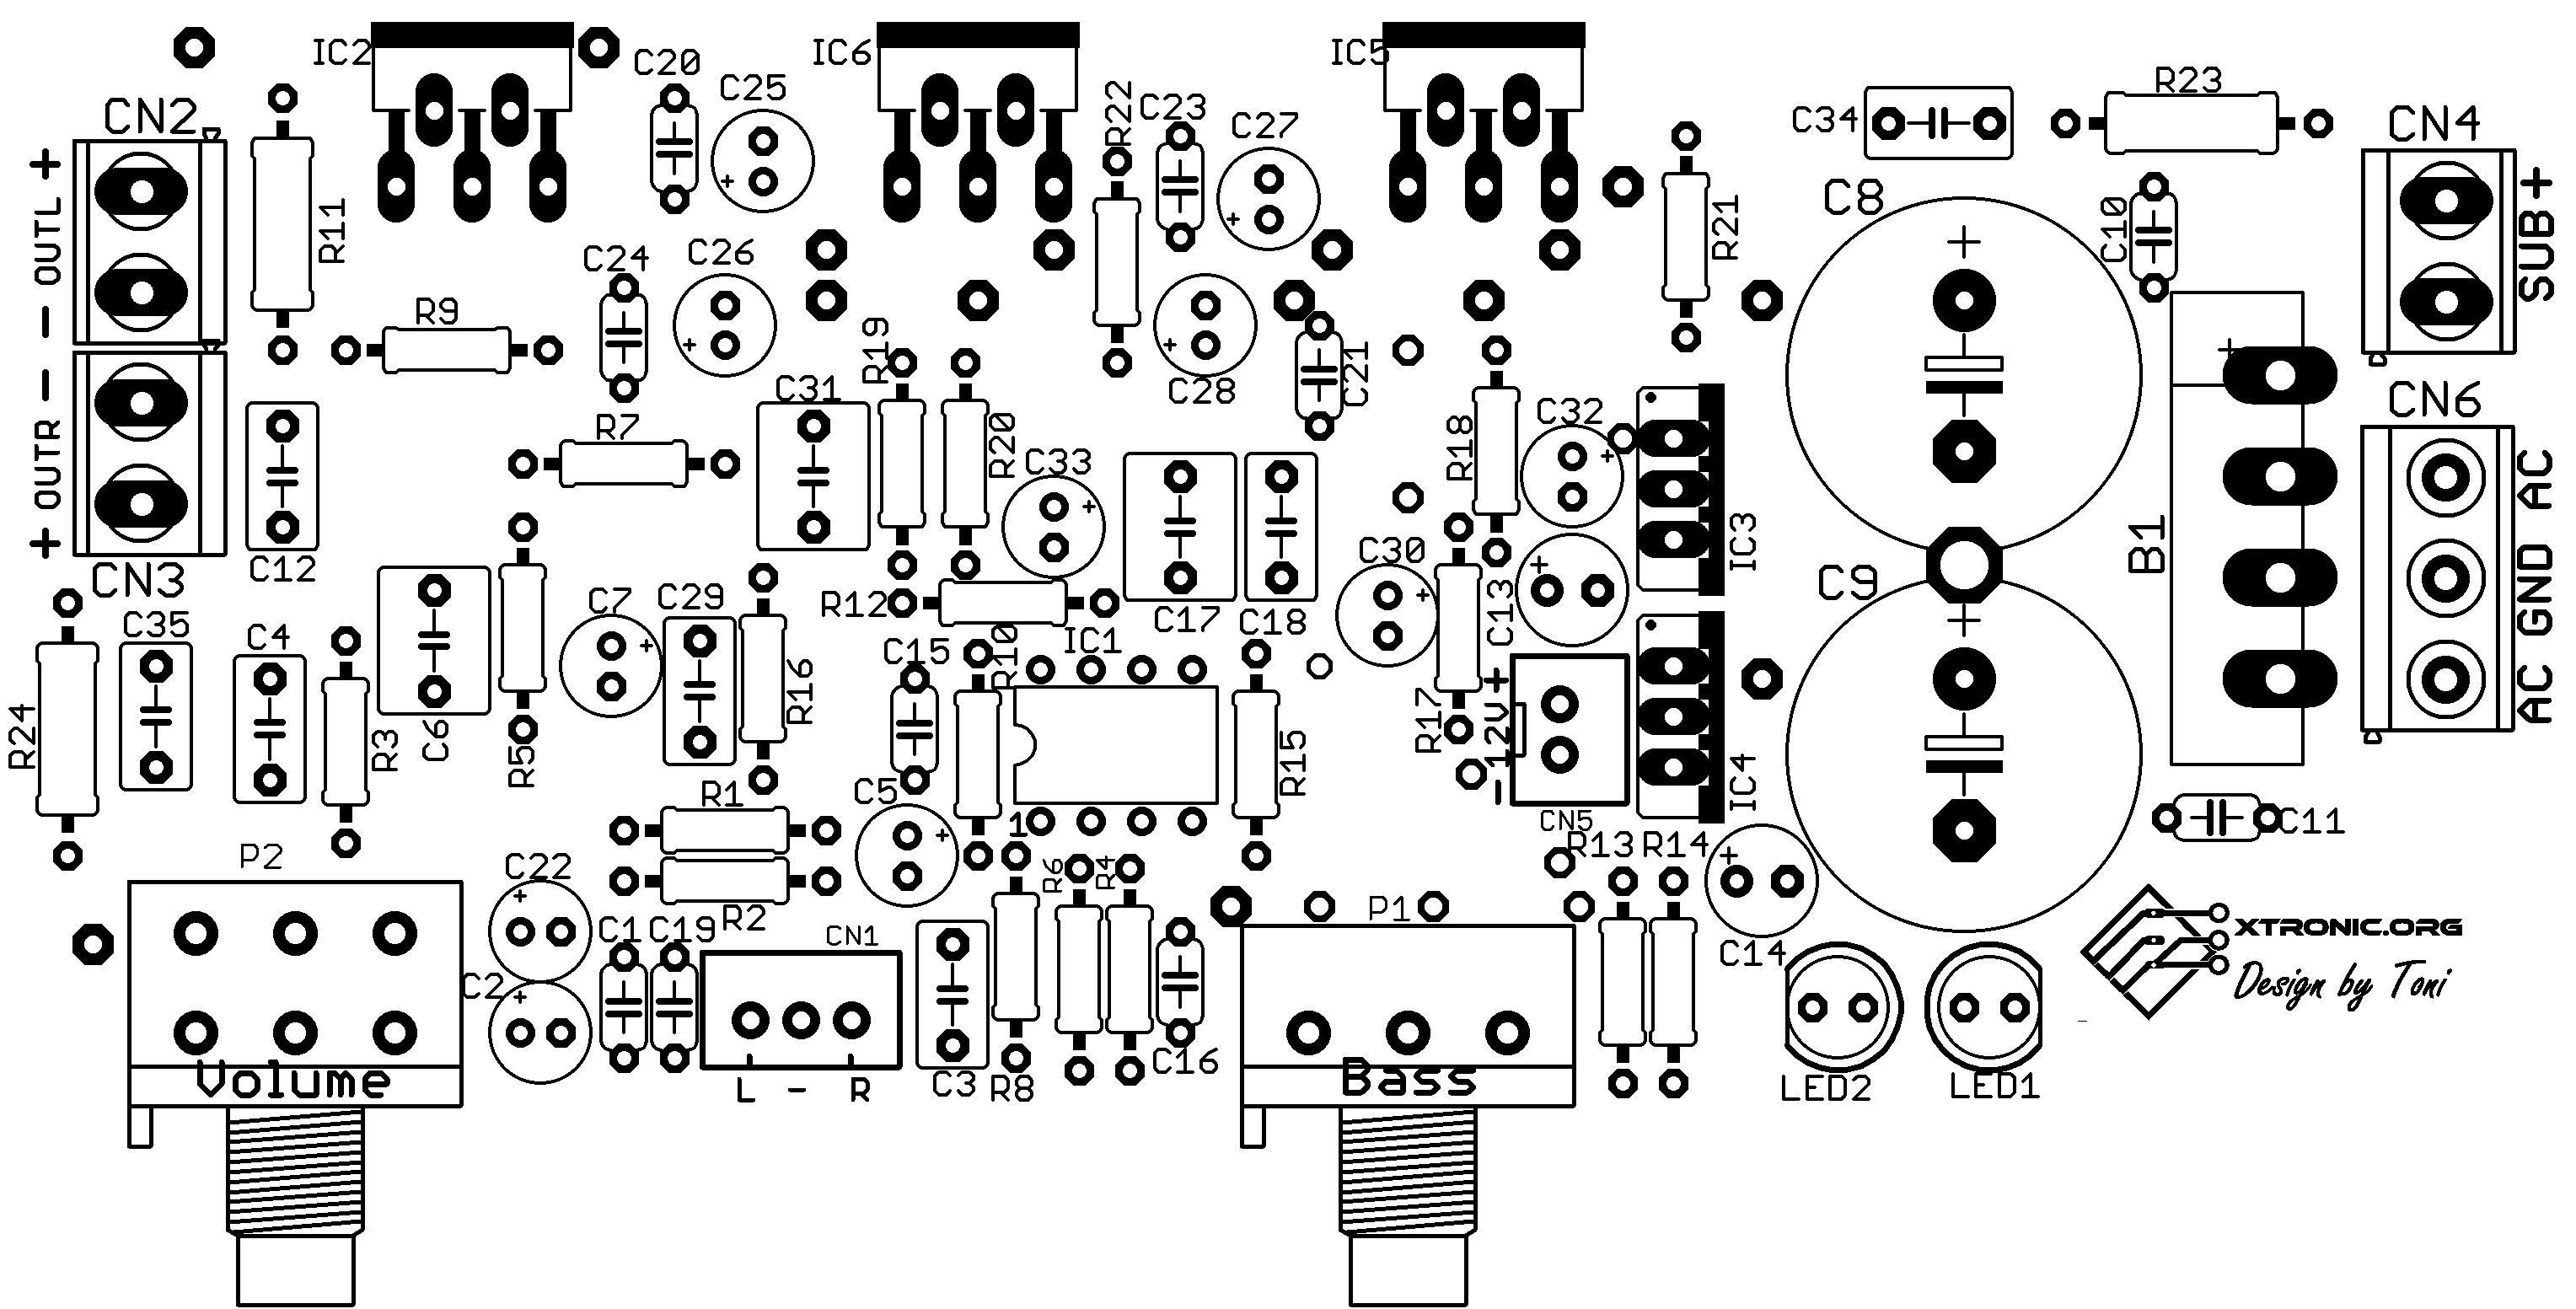 2.1 subwoofer amplifier circuit diagram